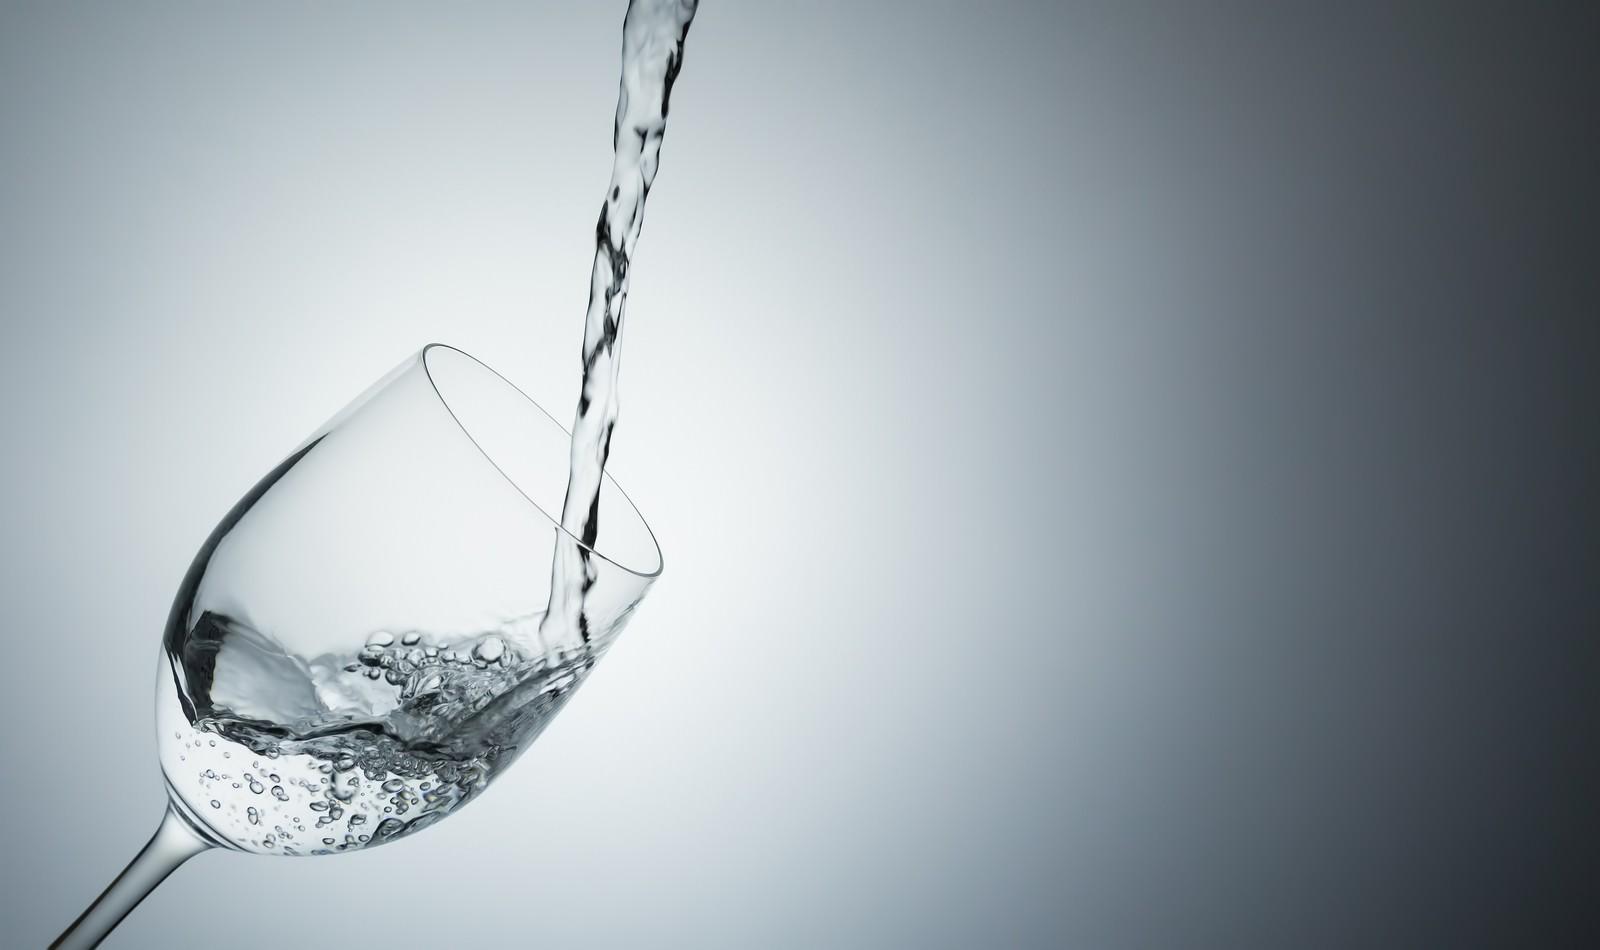 「グラスに注がれるミネラルウォーターグラスに注がれるミネラルウォーター」のフリー写真素材を拡大